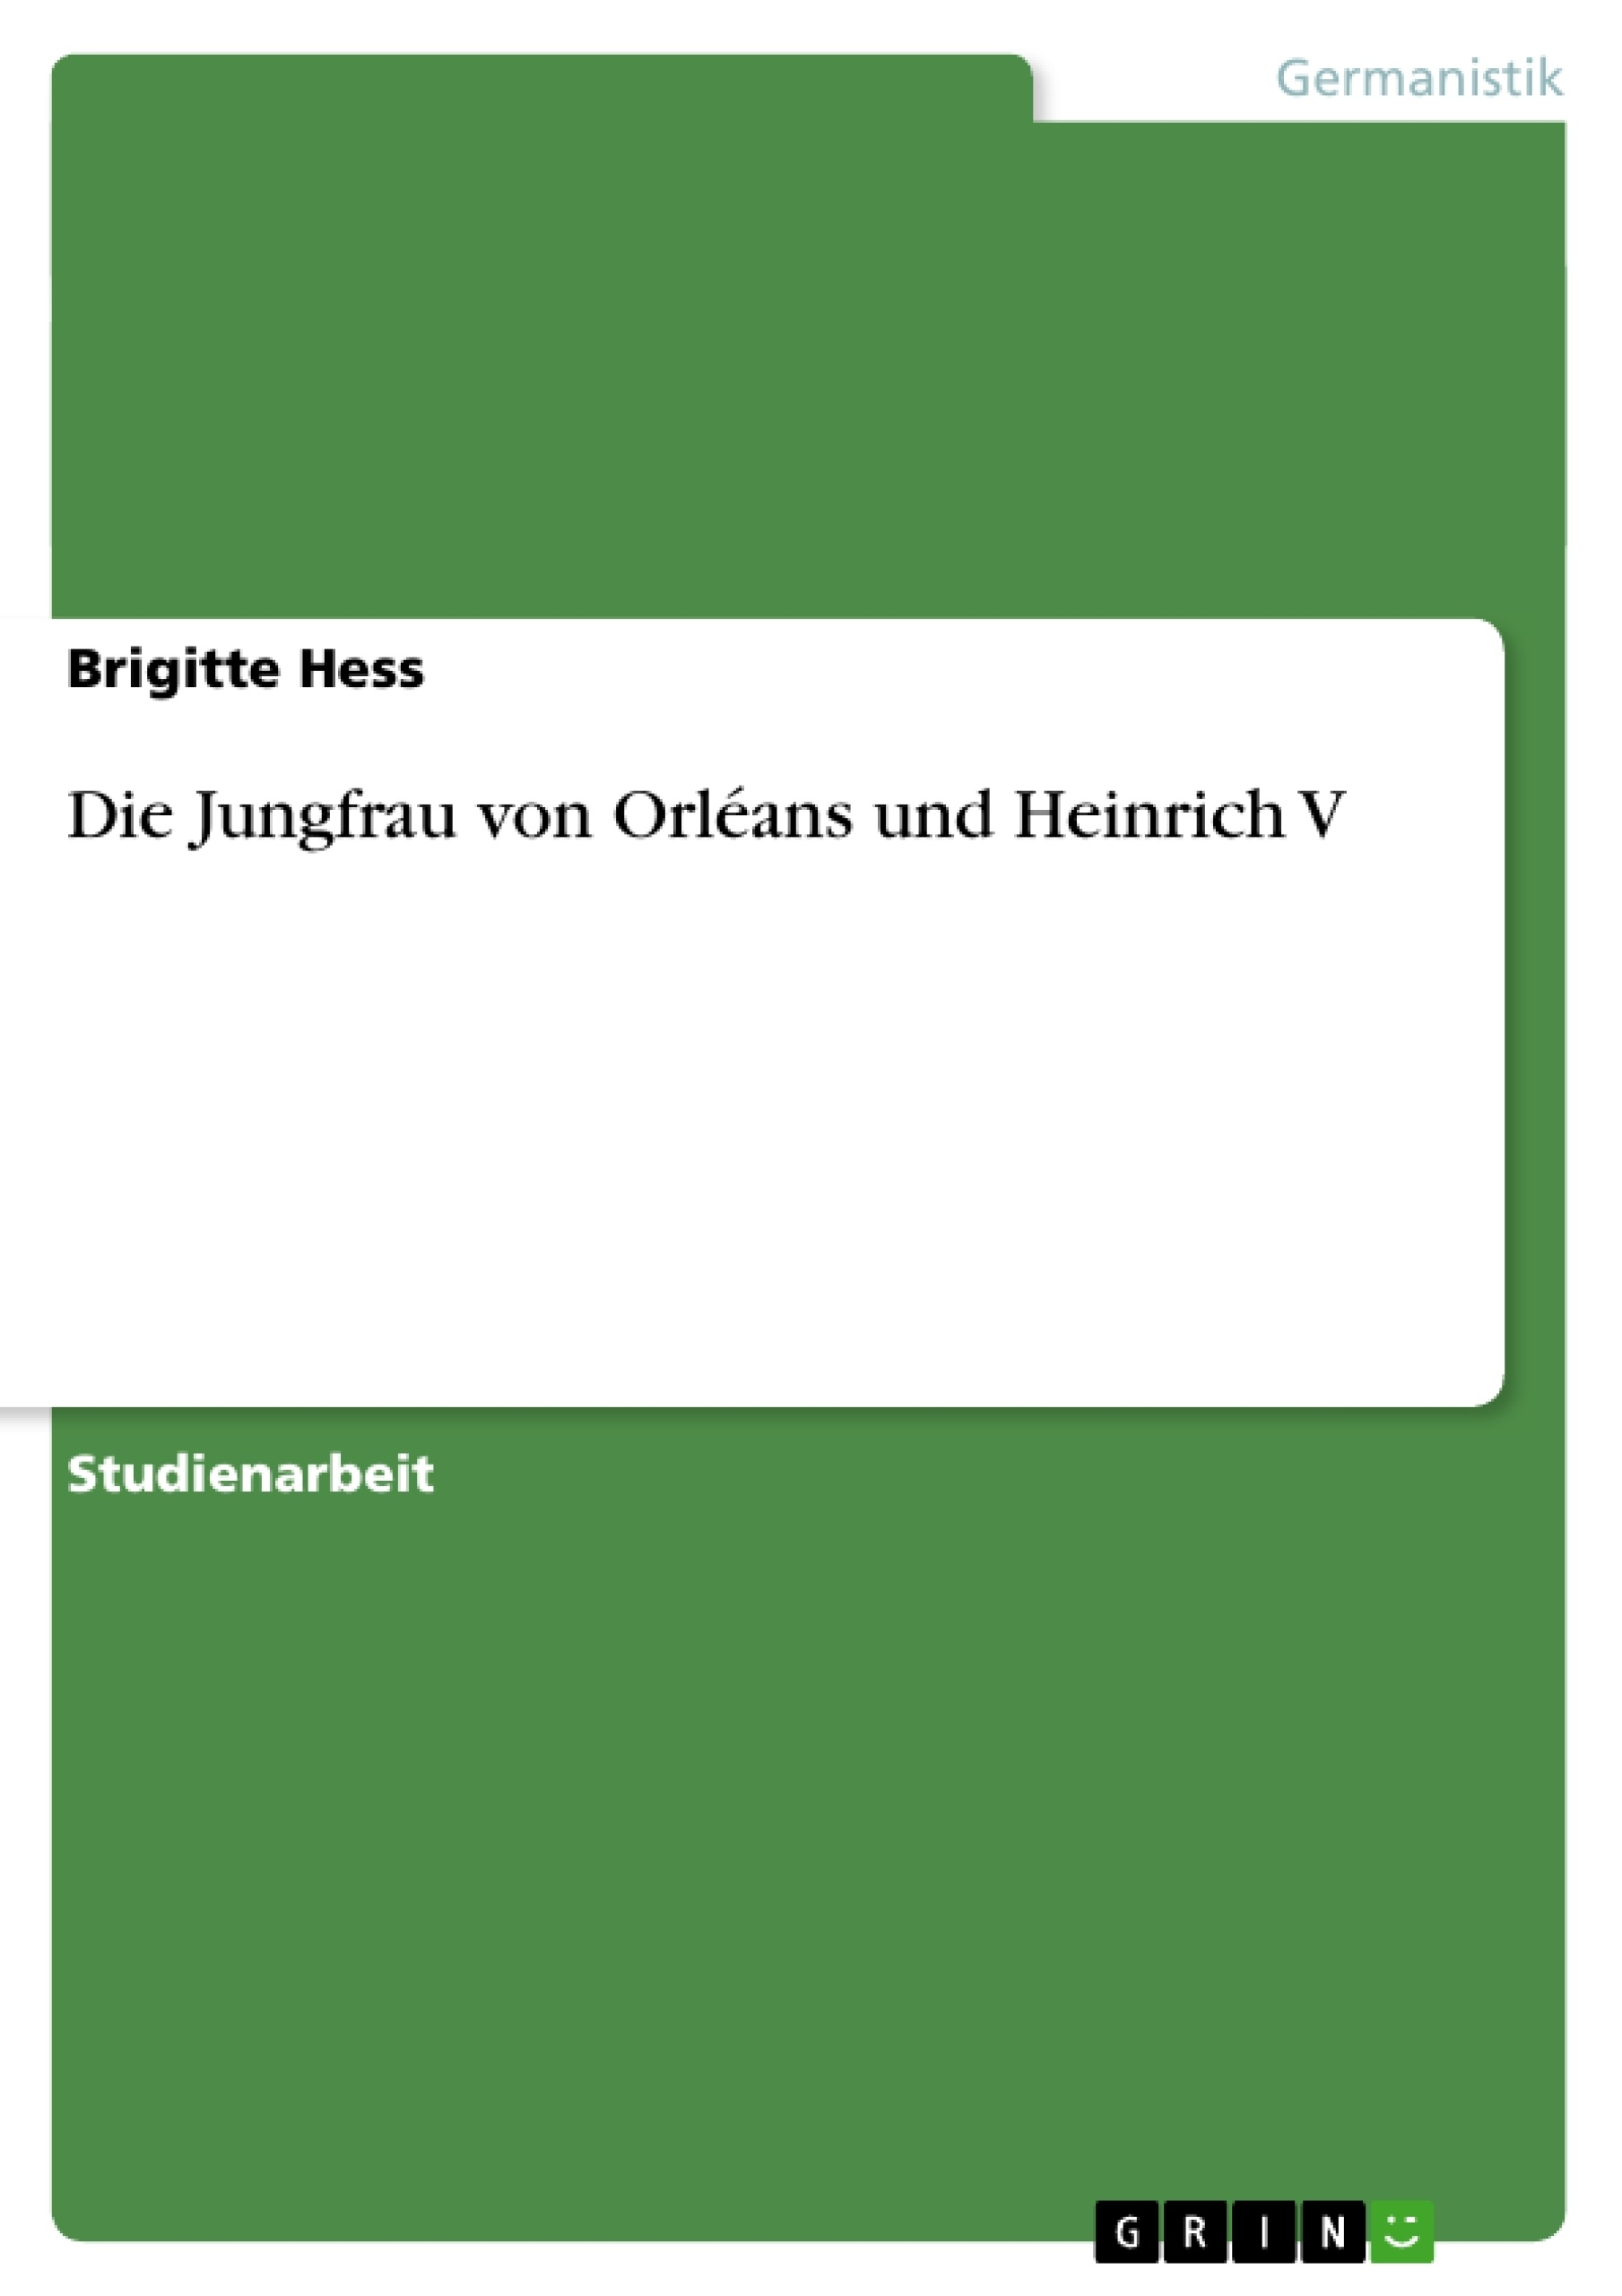 Titel: Die Jungfrau von Orléans und Heinrich V